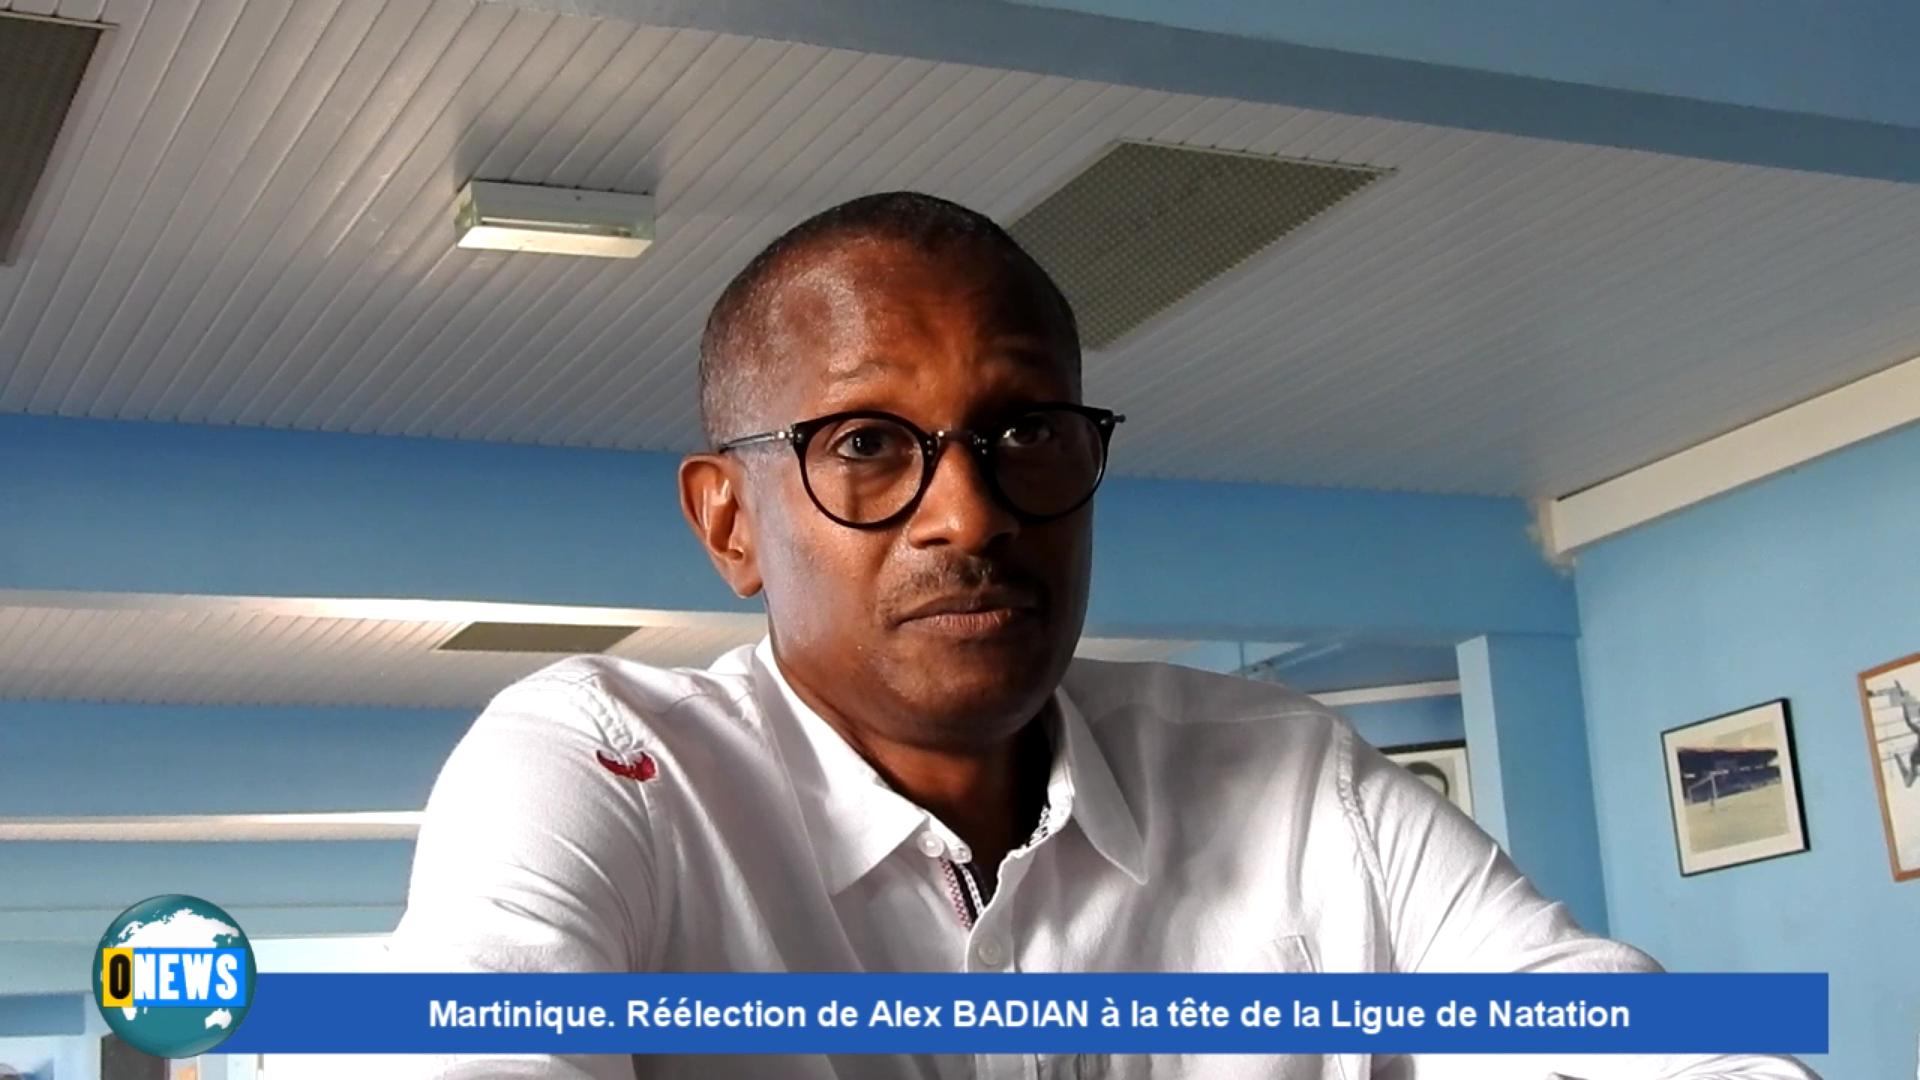 Onews Martinique. Alex BADIAN Réélu Président de la Ligue de Natation